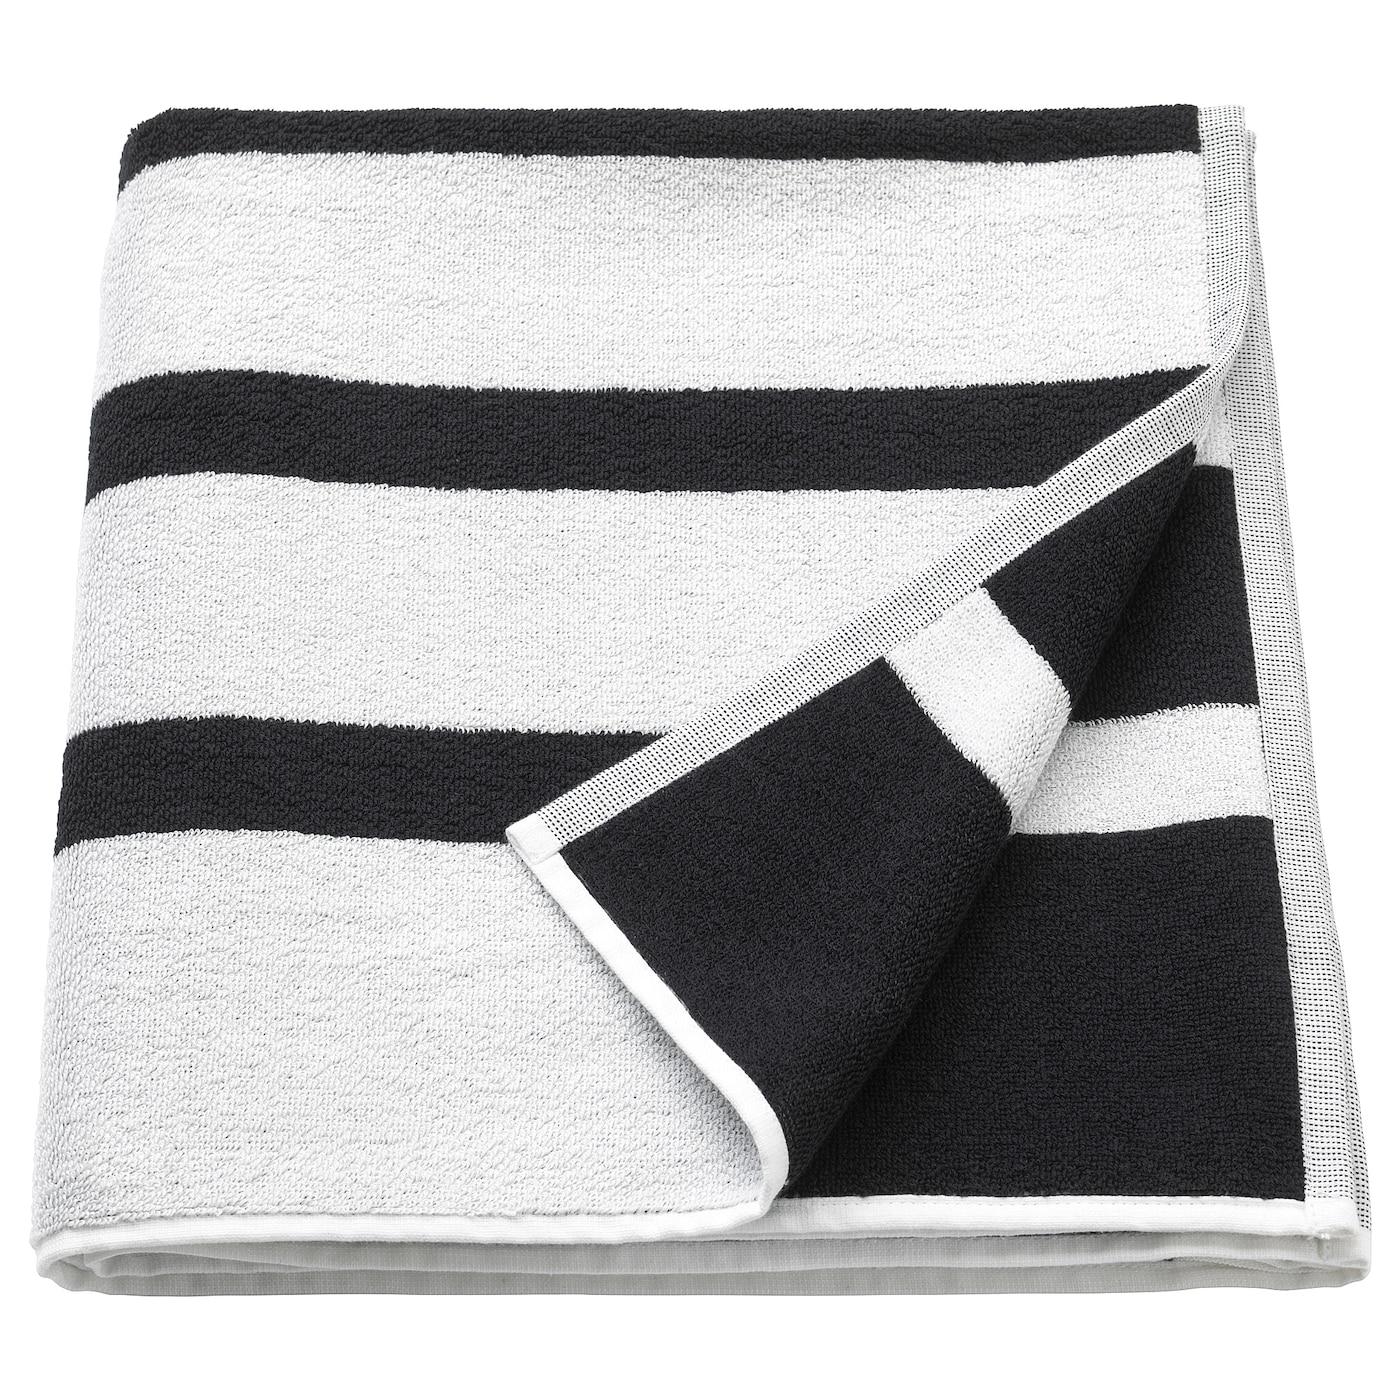 KINNEN Bath towel, white/black   IKEA